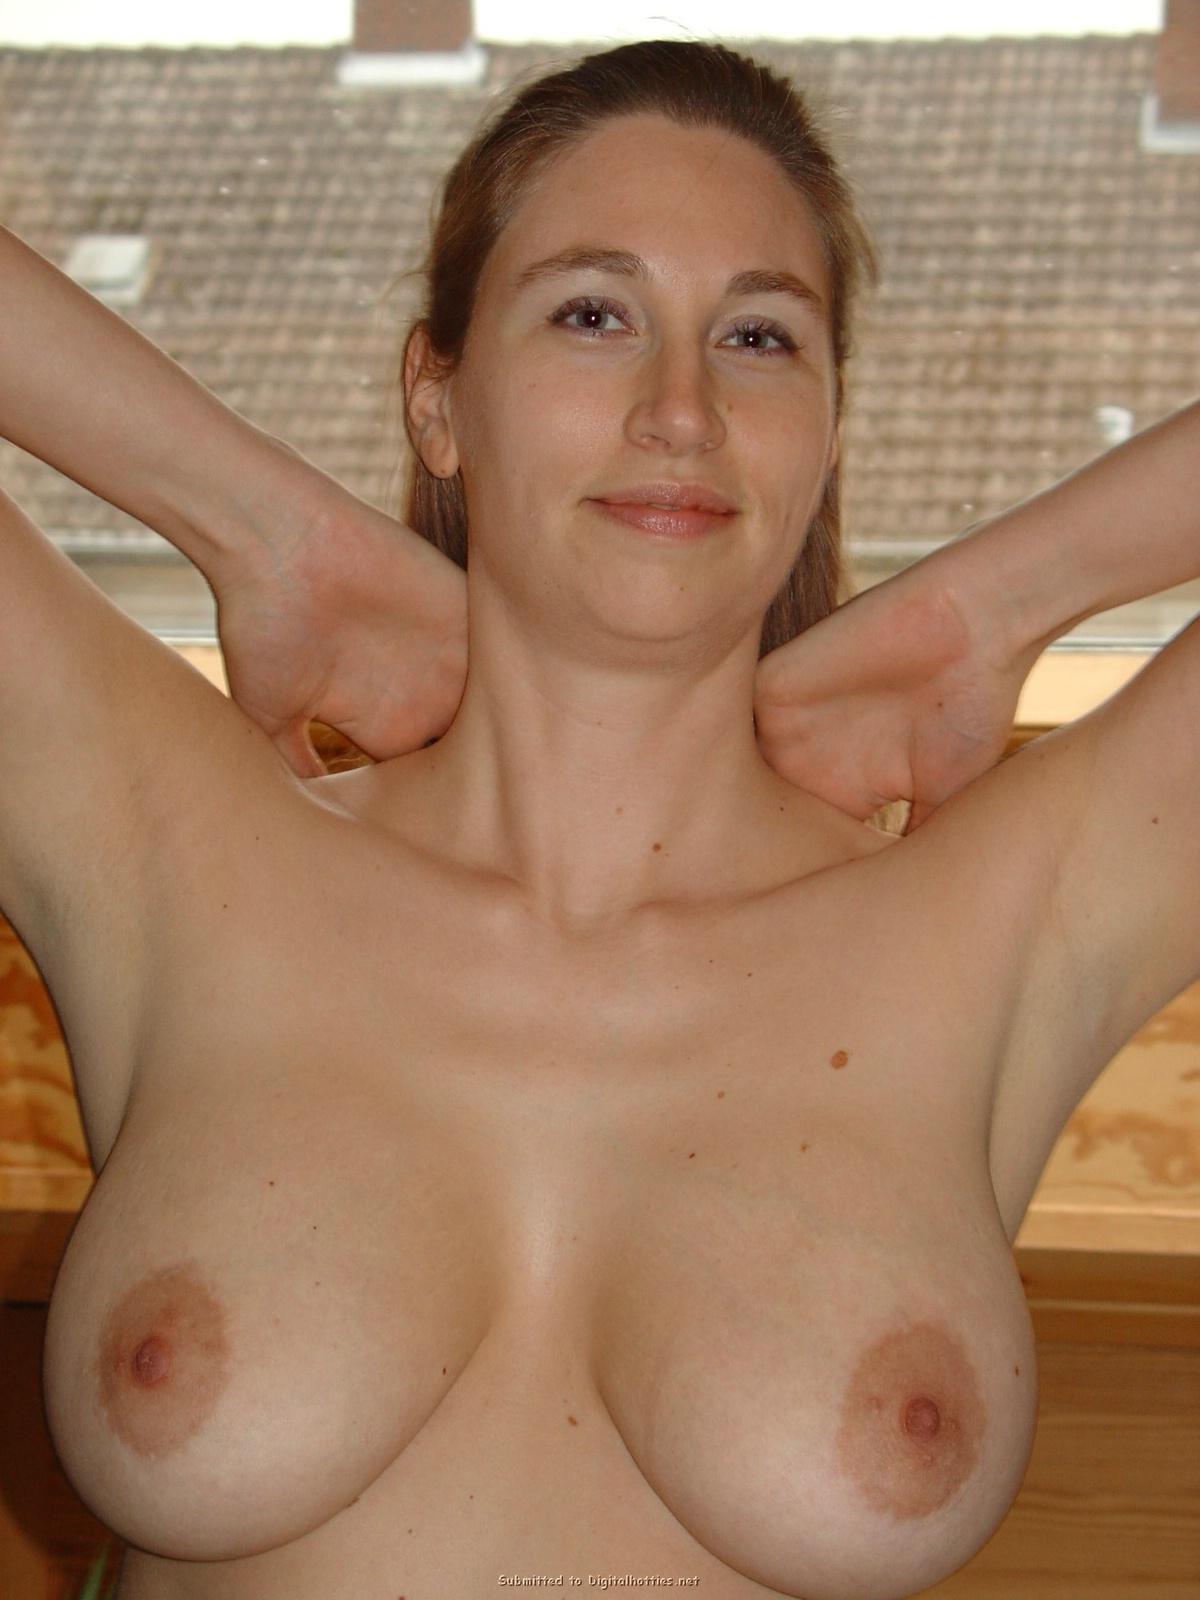 Женщина светит большой грудью в мансарде